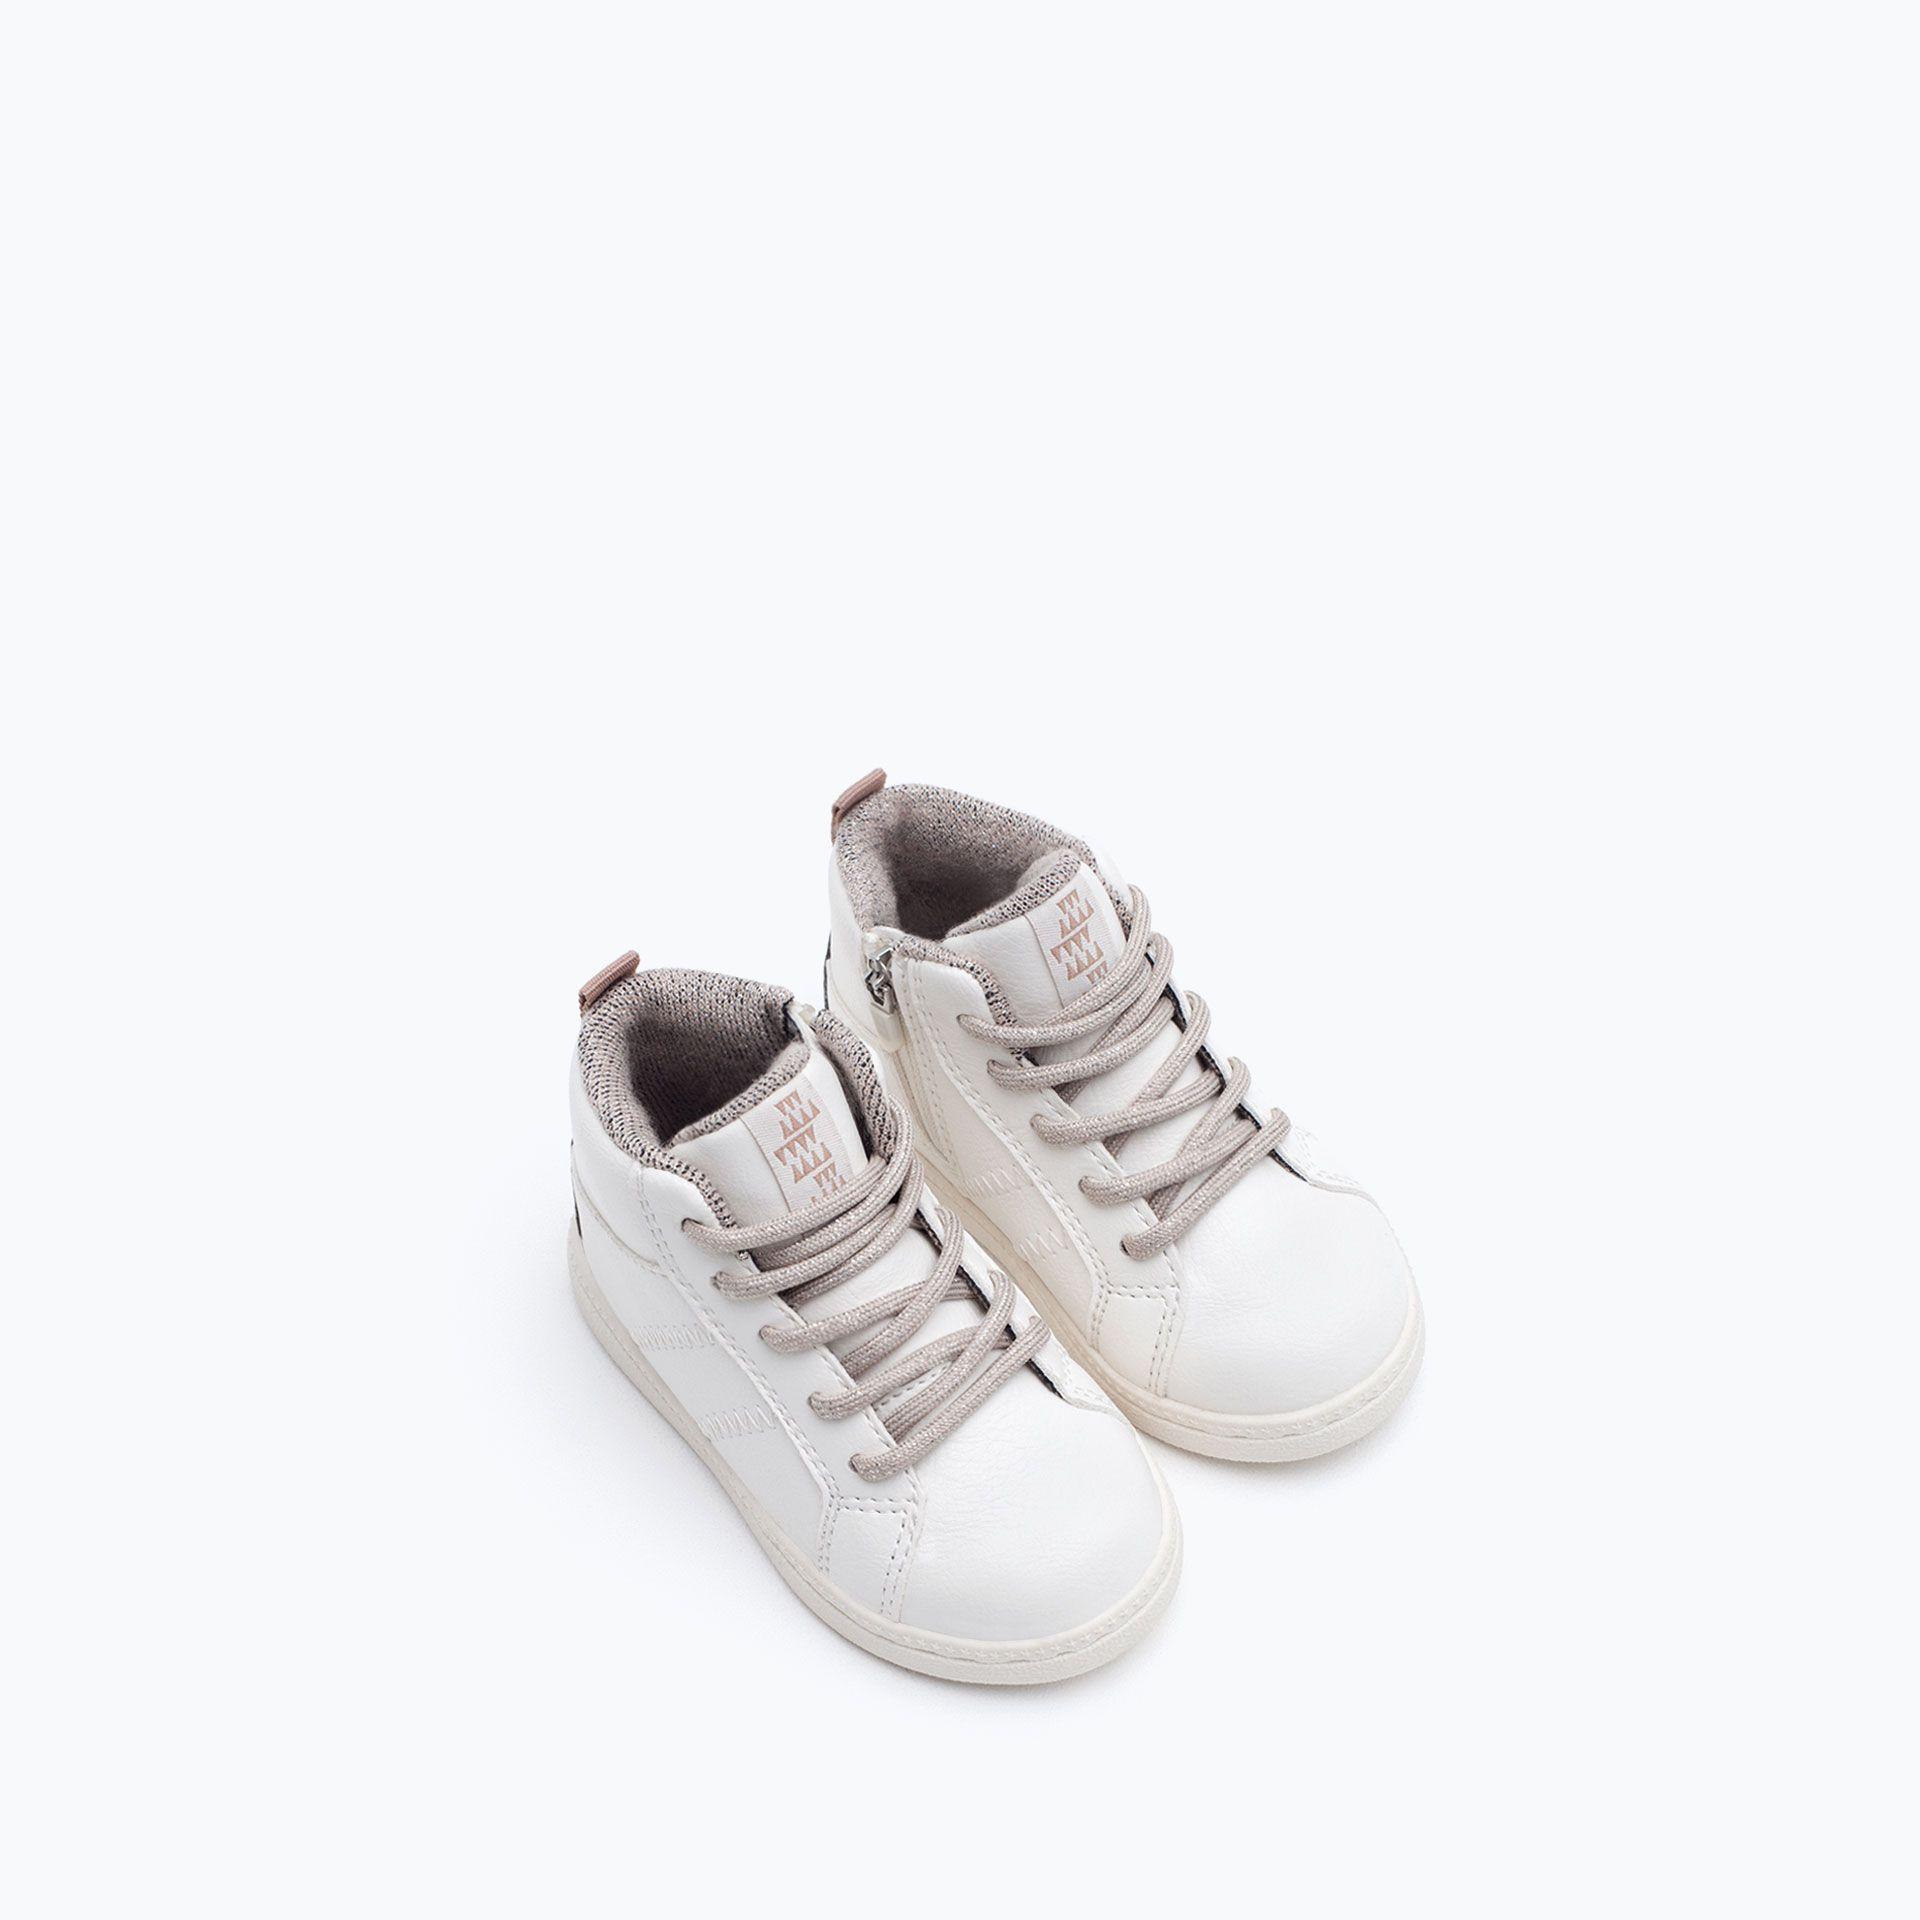 Sportowe Botki Buty Niemowle Dziewczynka 3 Miesiace 3 Lata Dzieci Zara White Sneaker Kids Fashion